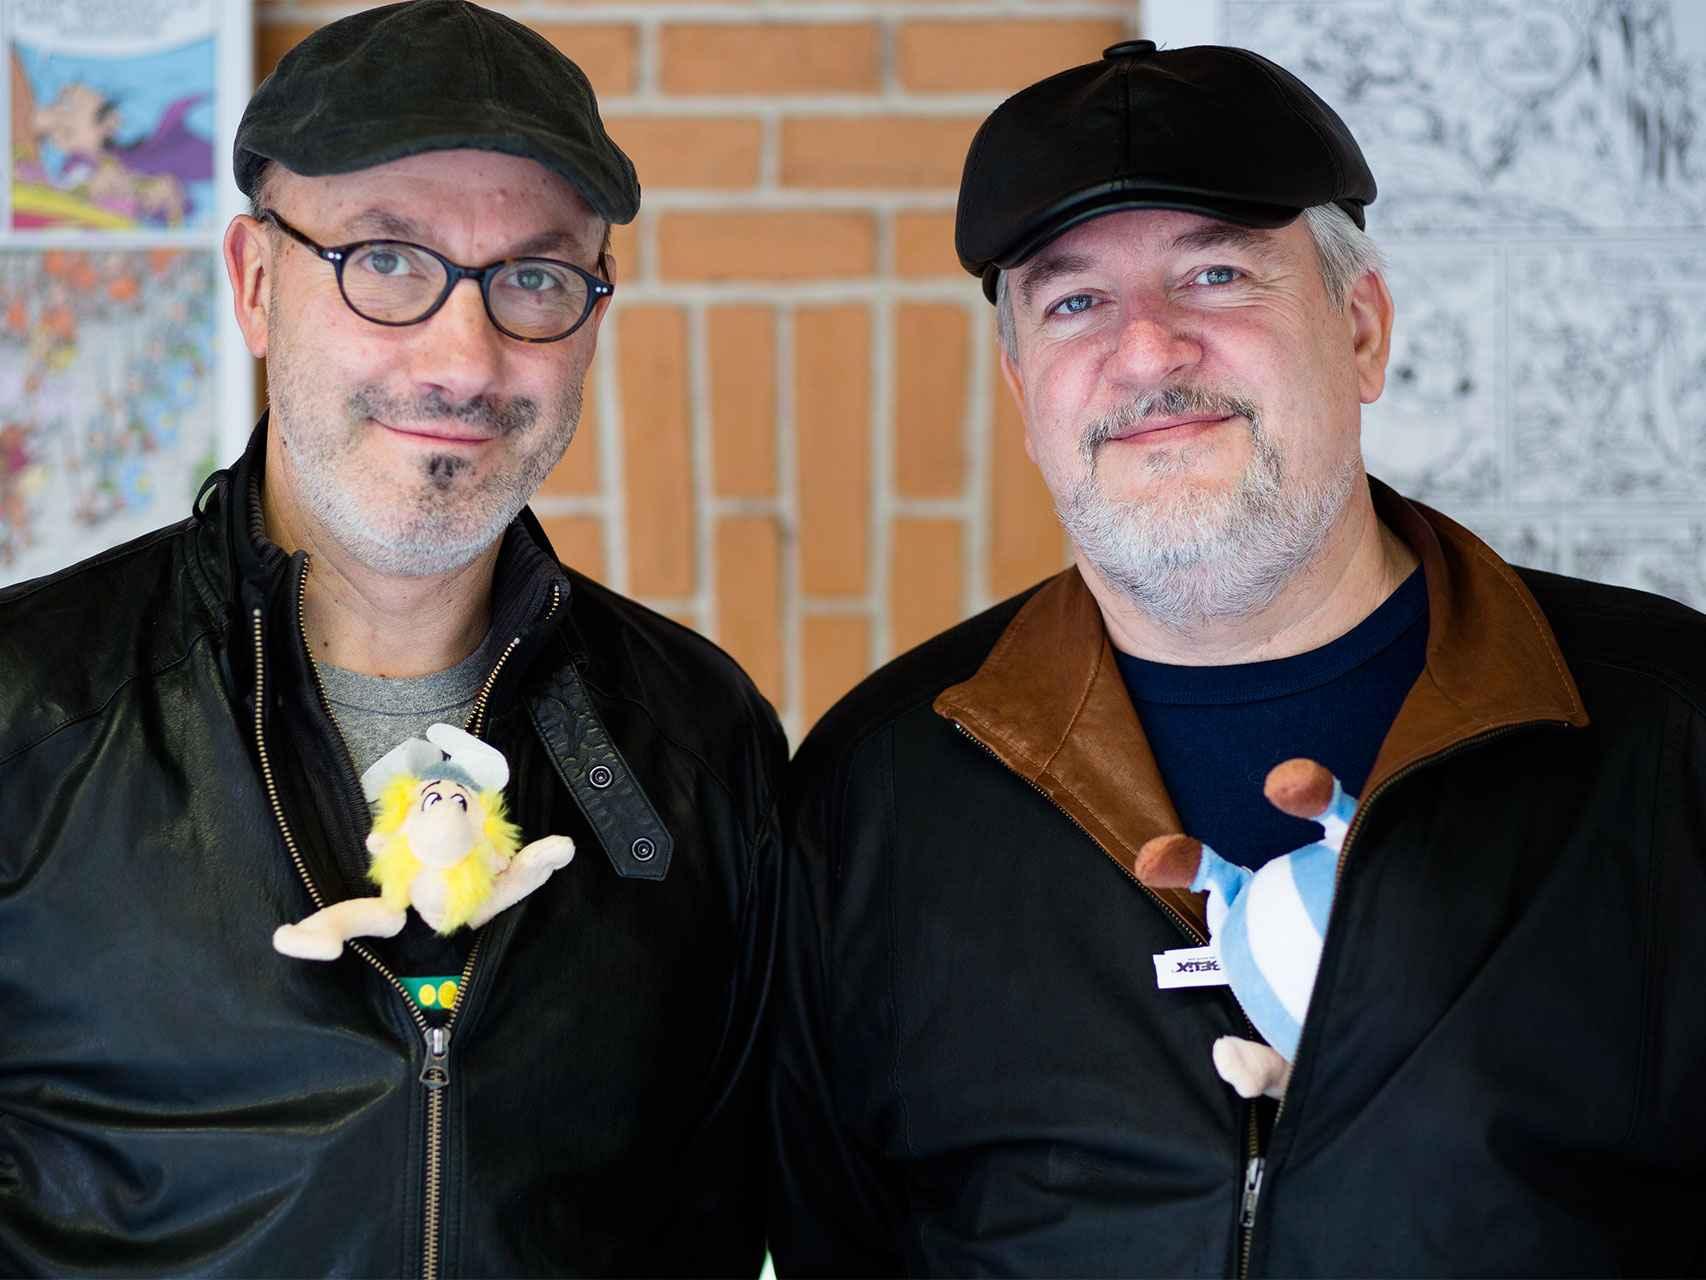 Jean-Yves Ferri y Didier Conrad, los nuevos autores de Astérix.